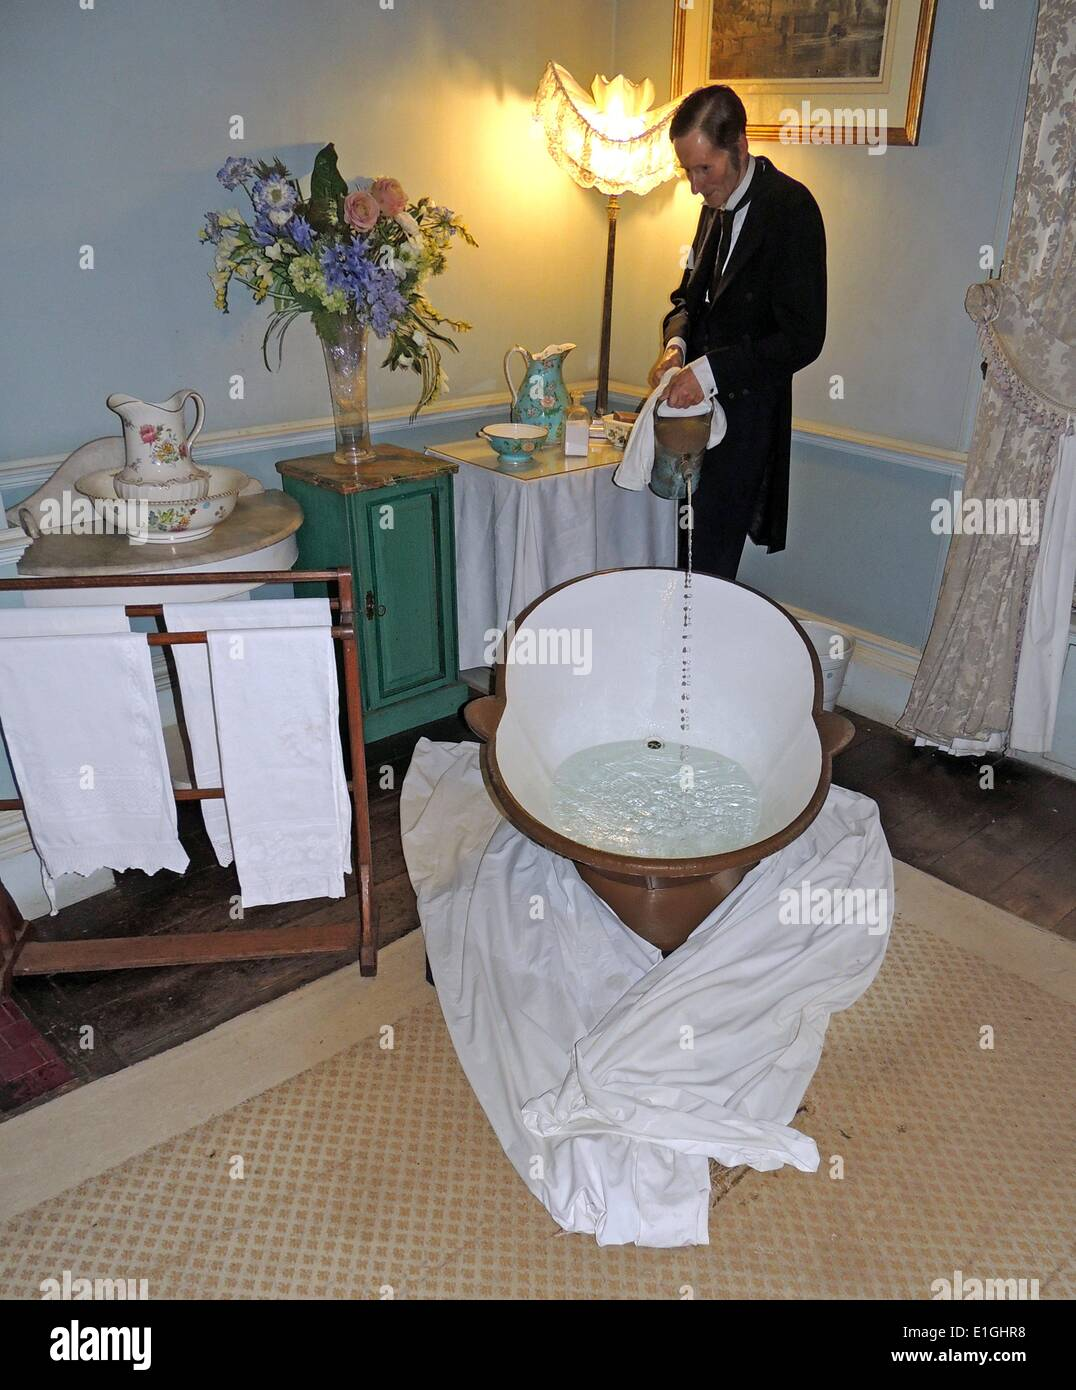 Bagno in stile vittoriano con maggiordomo versando acqua calda a piastrelle bagno en-suite. Immagini Stock